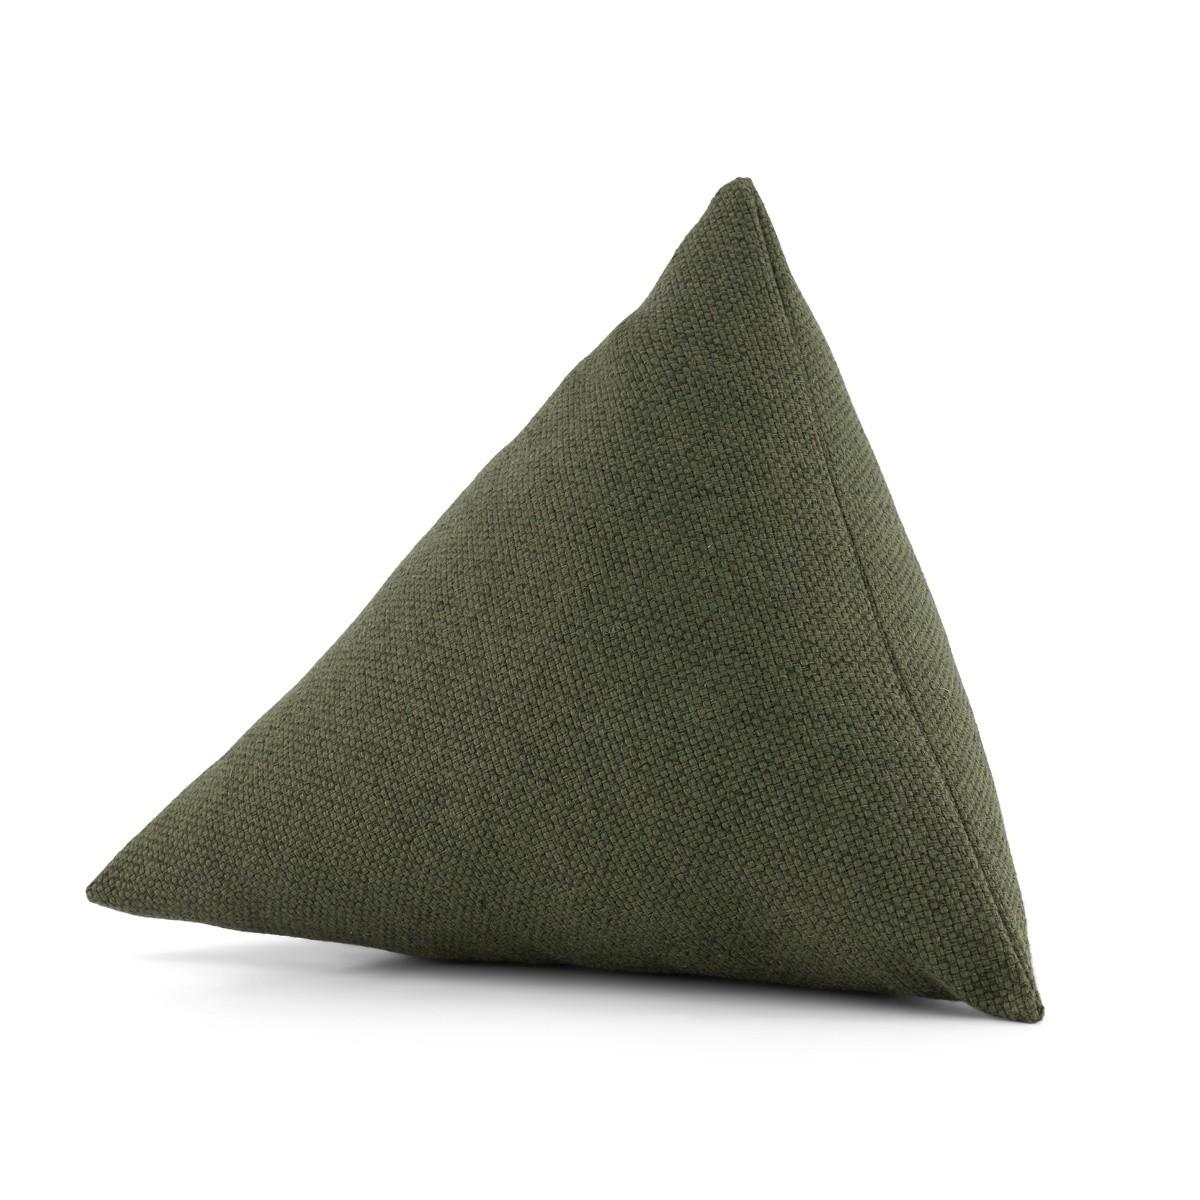 Divino Cushion, Green